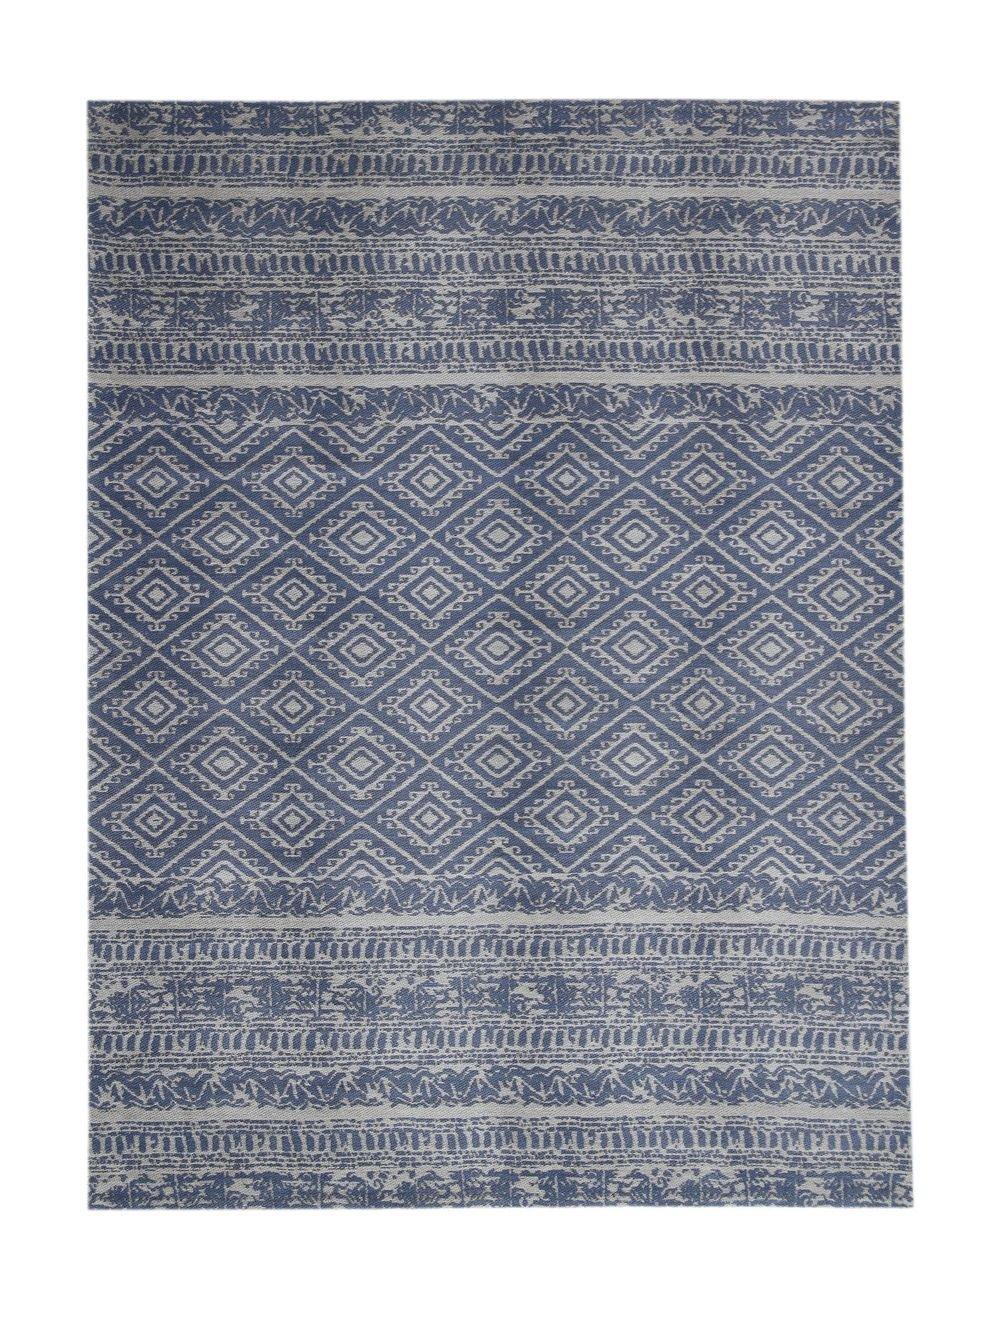 Teppich Wohnzimmer Carpet Geometrie Design Sunny 110 Rug Streifen Rauten Muster Polyester 80x150 cm Blau/Teppiche günstig online kaufen